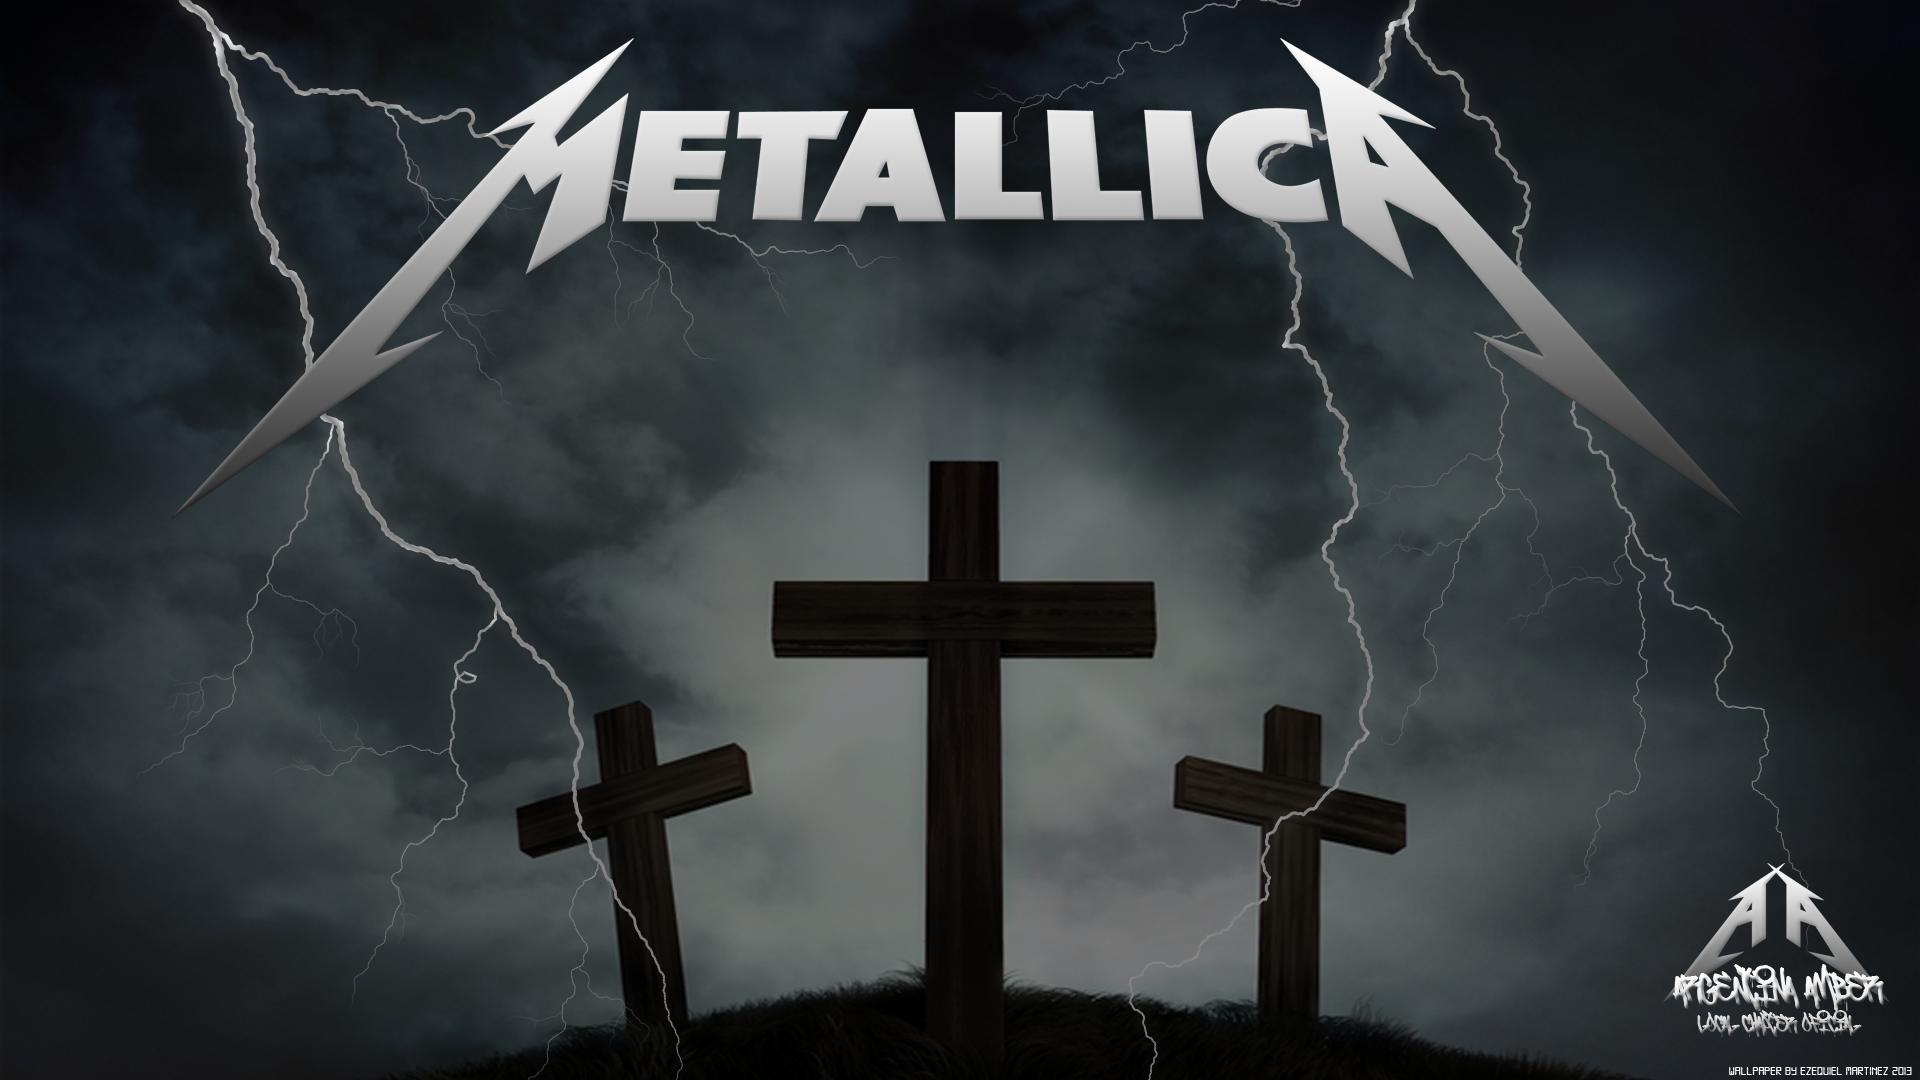 Metallica Wallpapers HD - WallpaperSafari